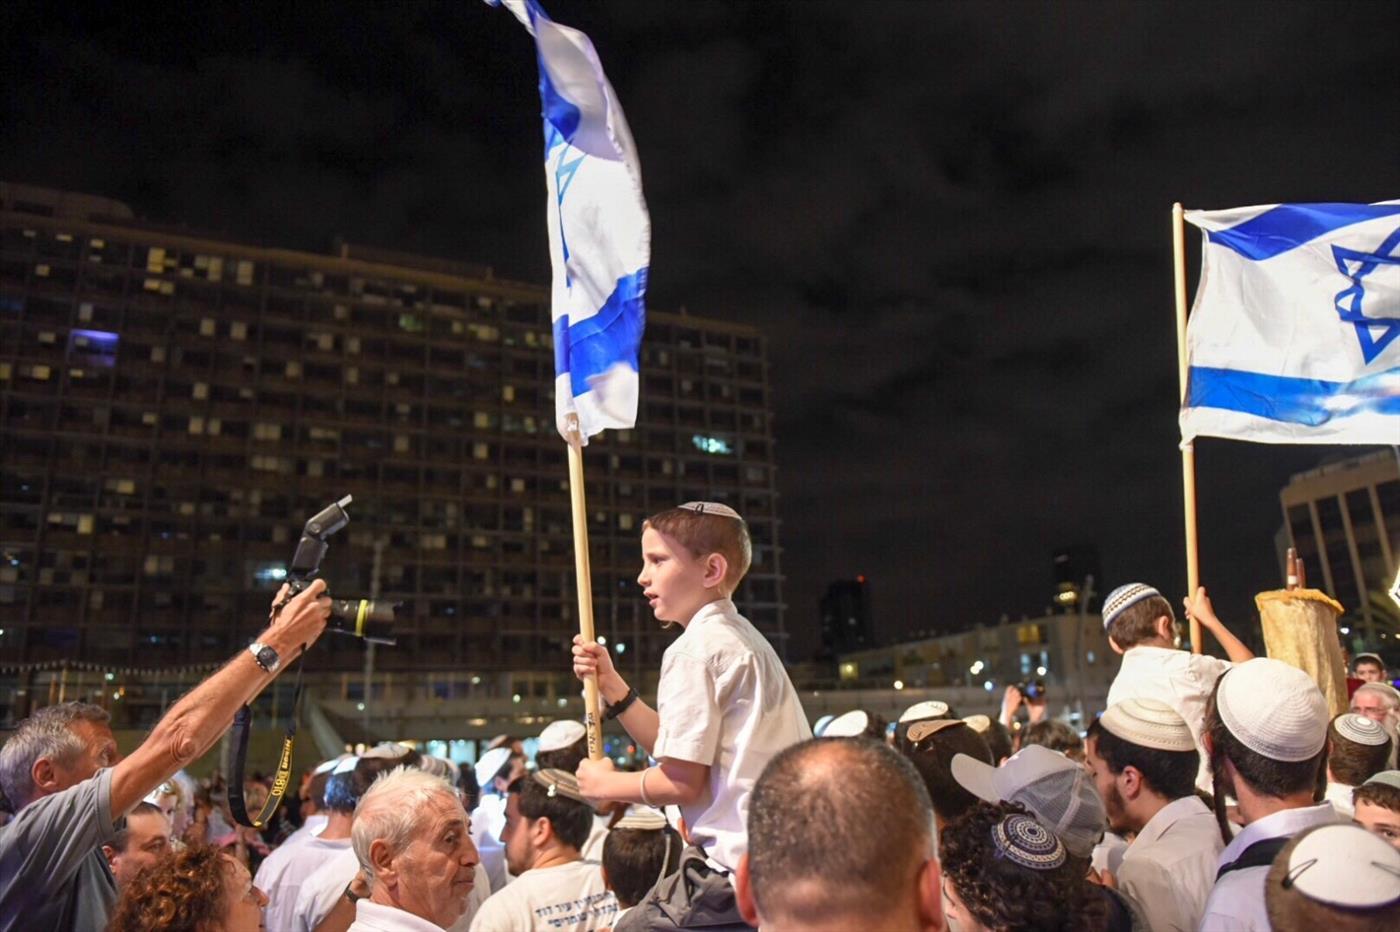 כיכר רבין בתל אביב (קובי ריכטר, tps)